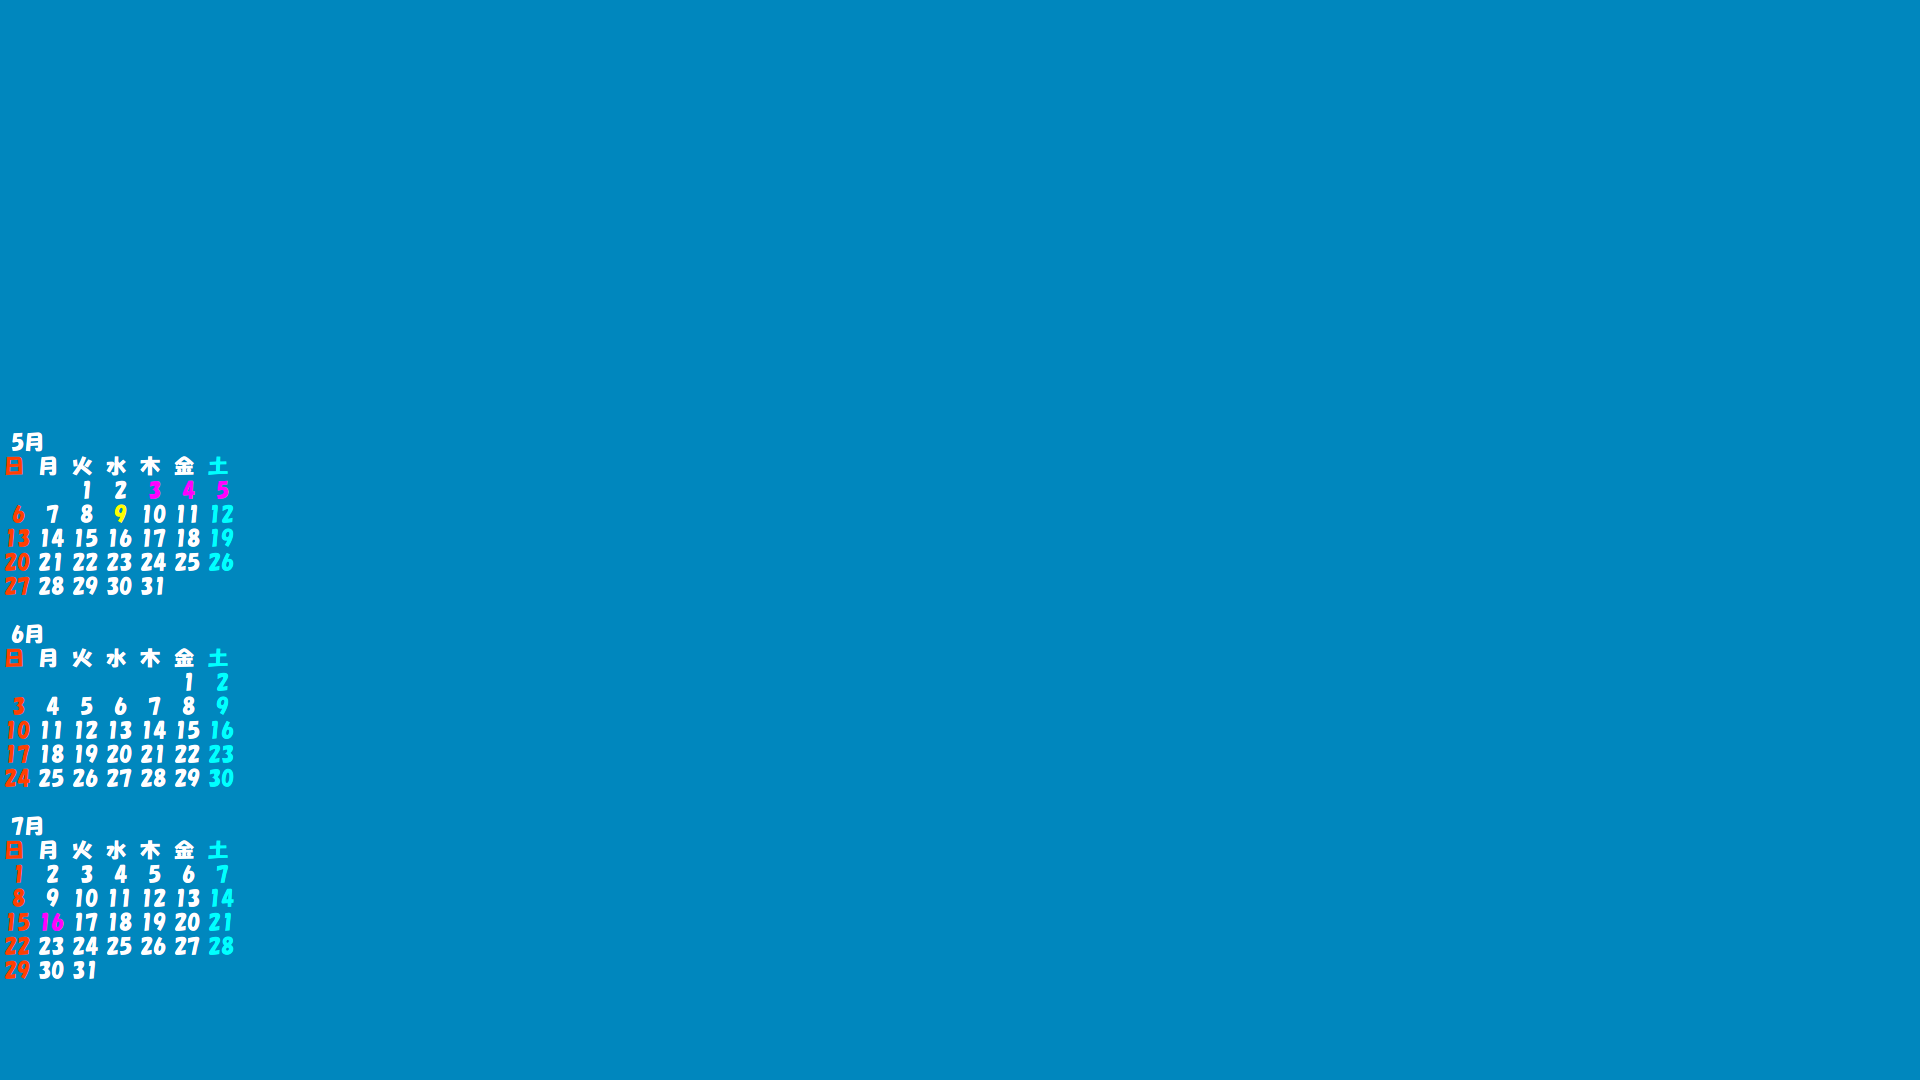 壁紙がにじむ Ver1803 マイクロソフト コミュニティ